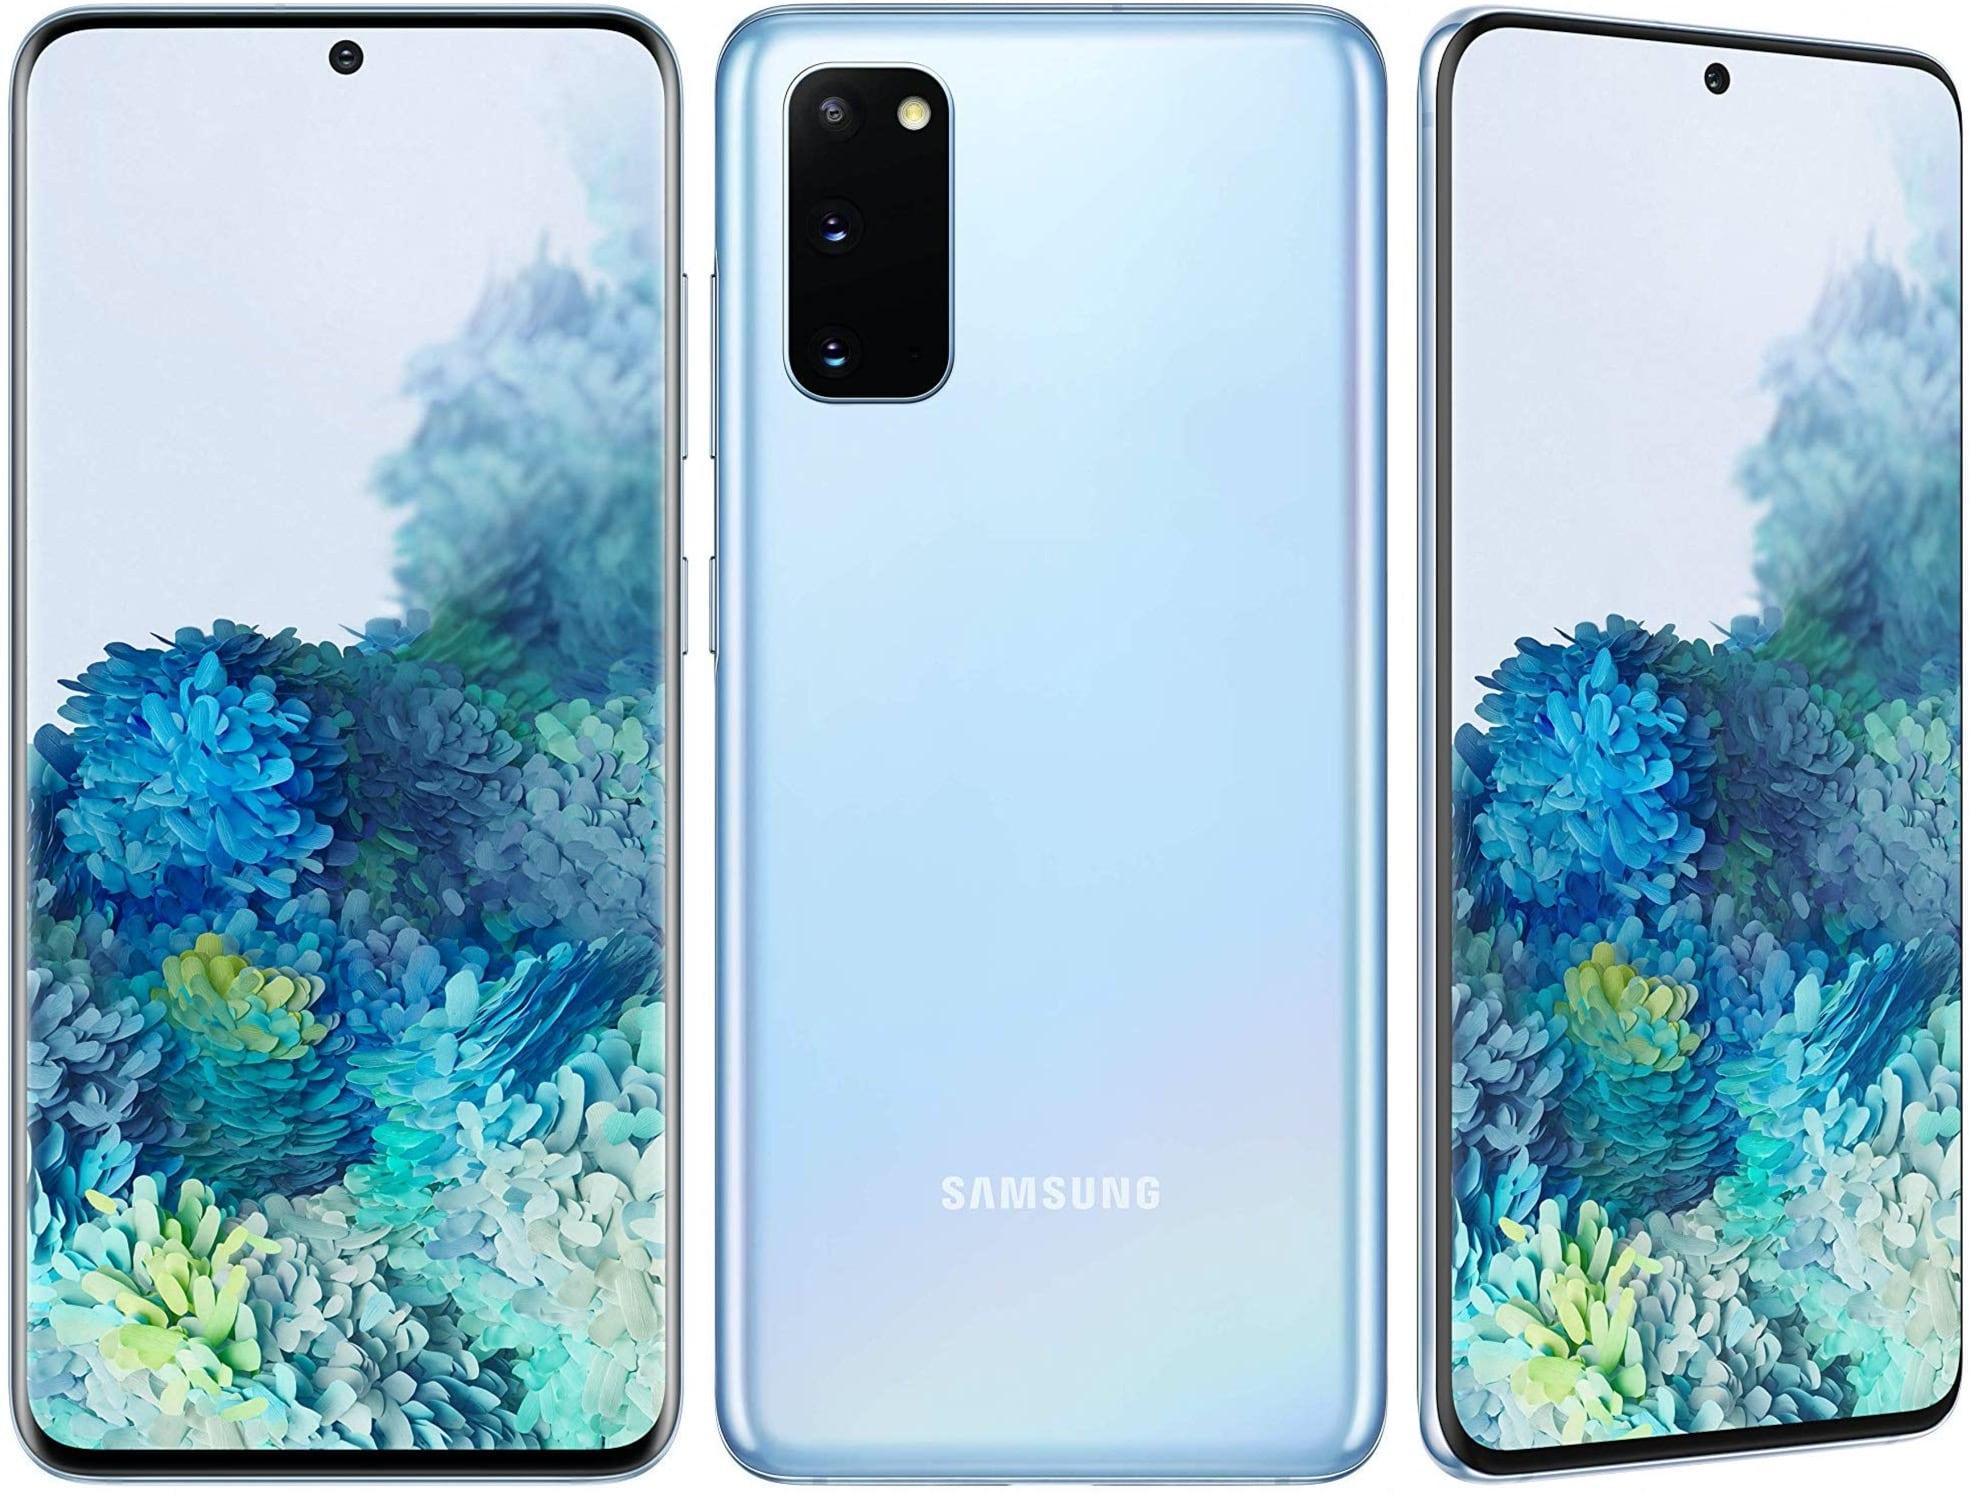 Samsung Galaxy S20 8/128 GB Cloud Blue